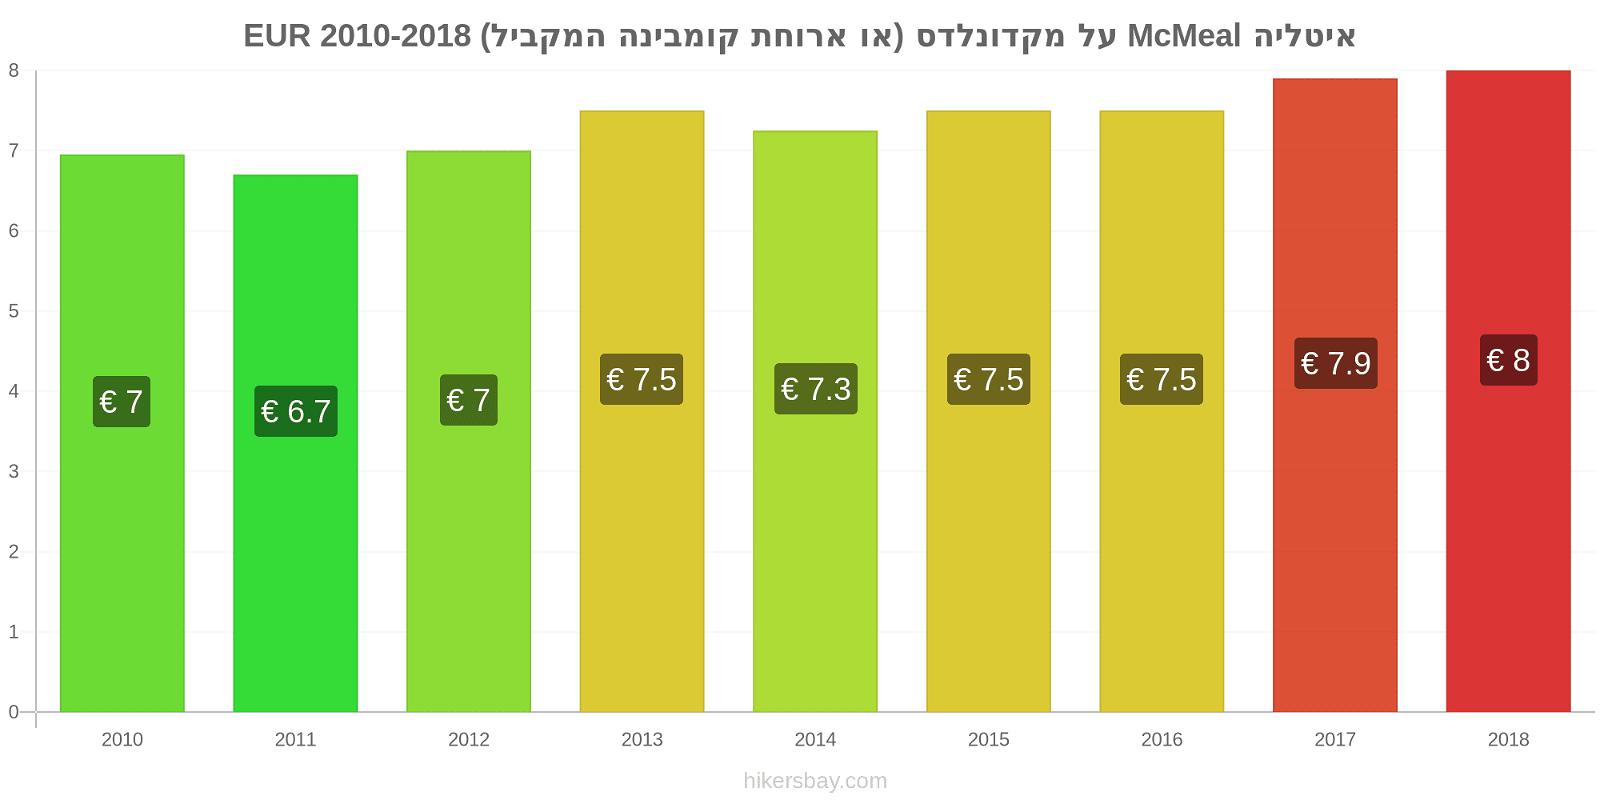 איטליה שינויי מחירים McMeal על מקדונלדס (או ארוחת קומבינה המקביל) hikersbay.com